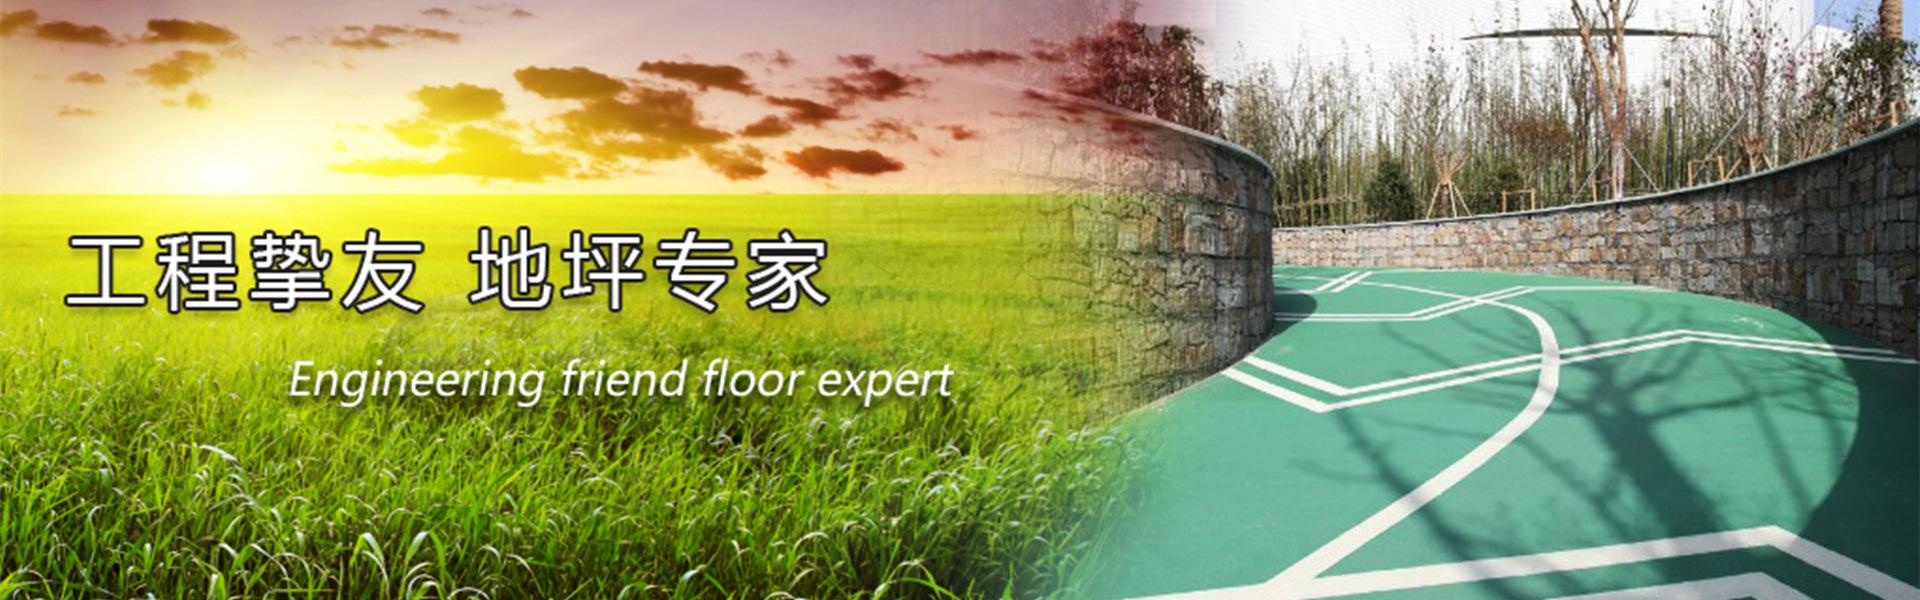 西安小优视频建材科技有限公司